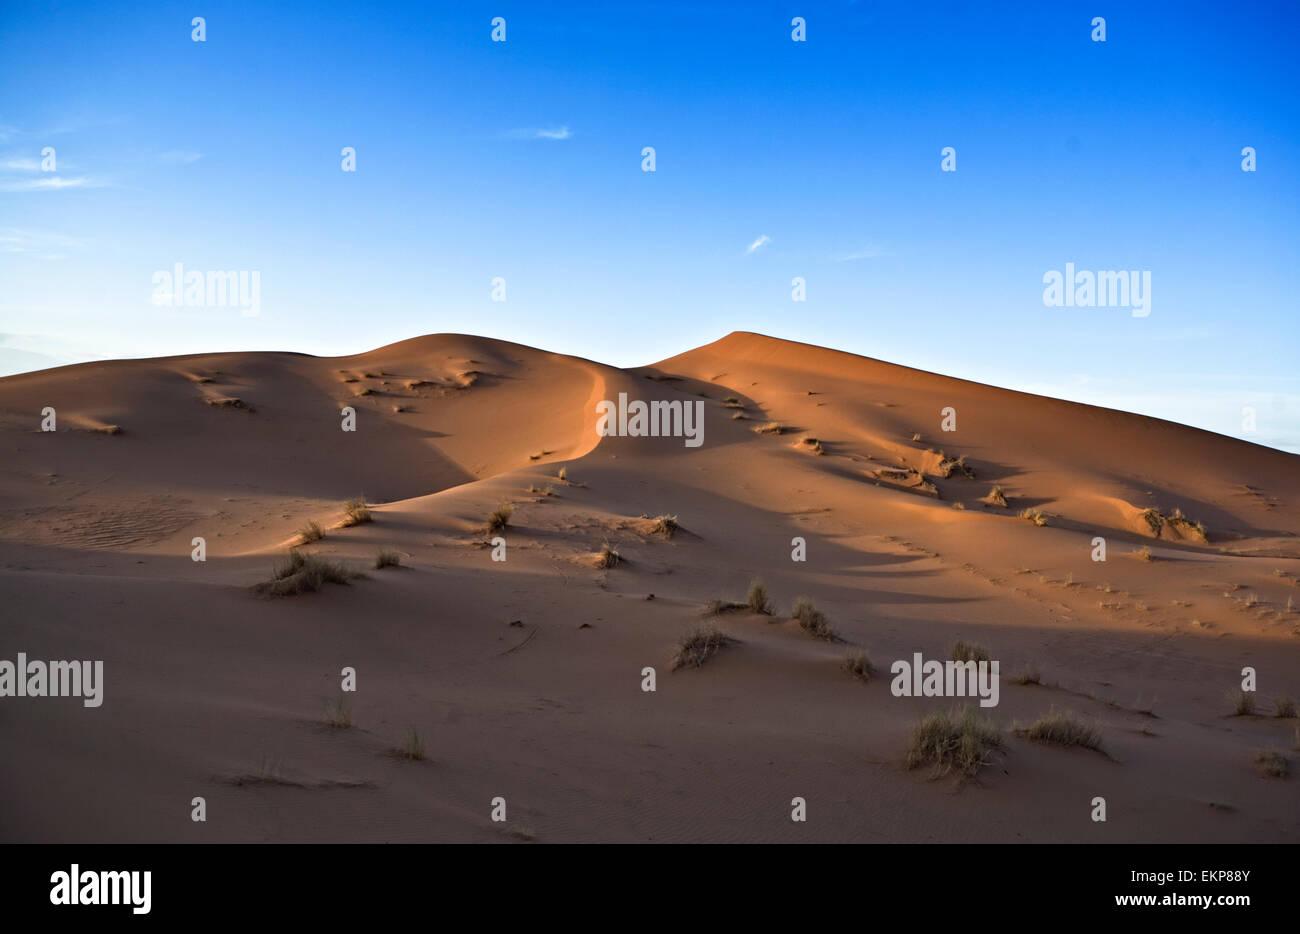 Mehrere Sand Hill Am Erg Chebbi in der Wüste Sahara. ers sind große Dünen vom Wind geformt - durchgebrannt Sand. Marokko Stockfoto